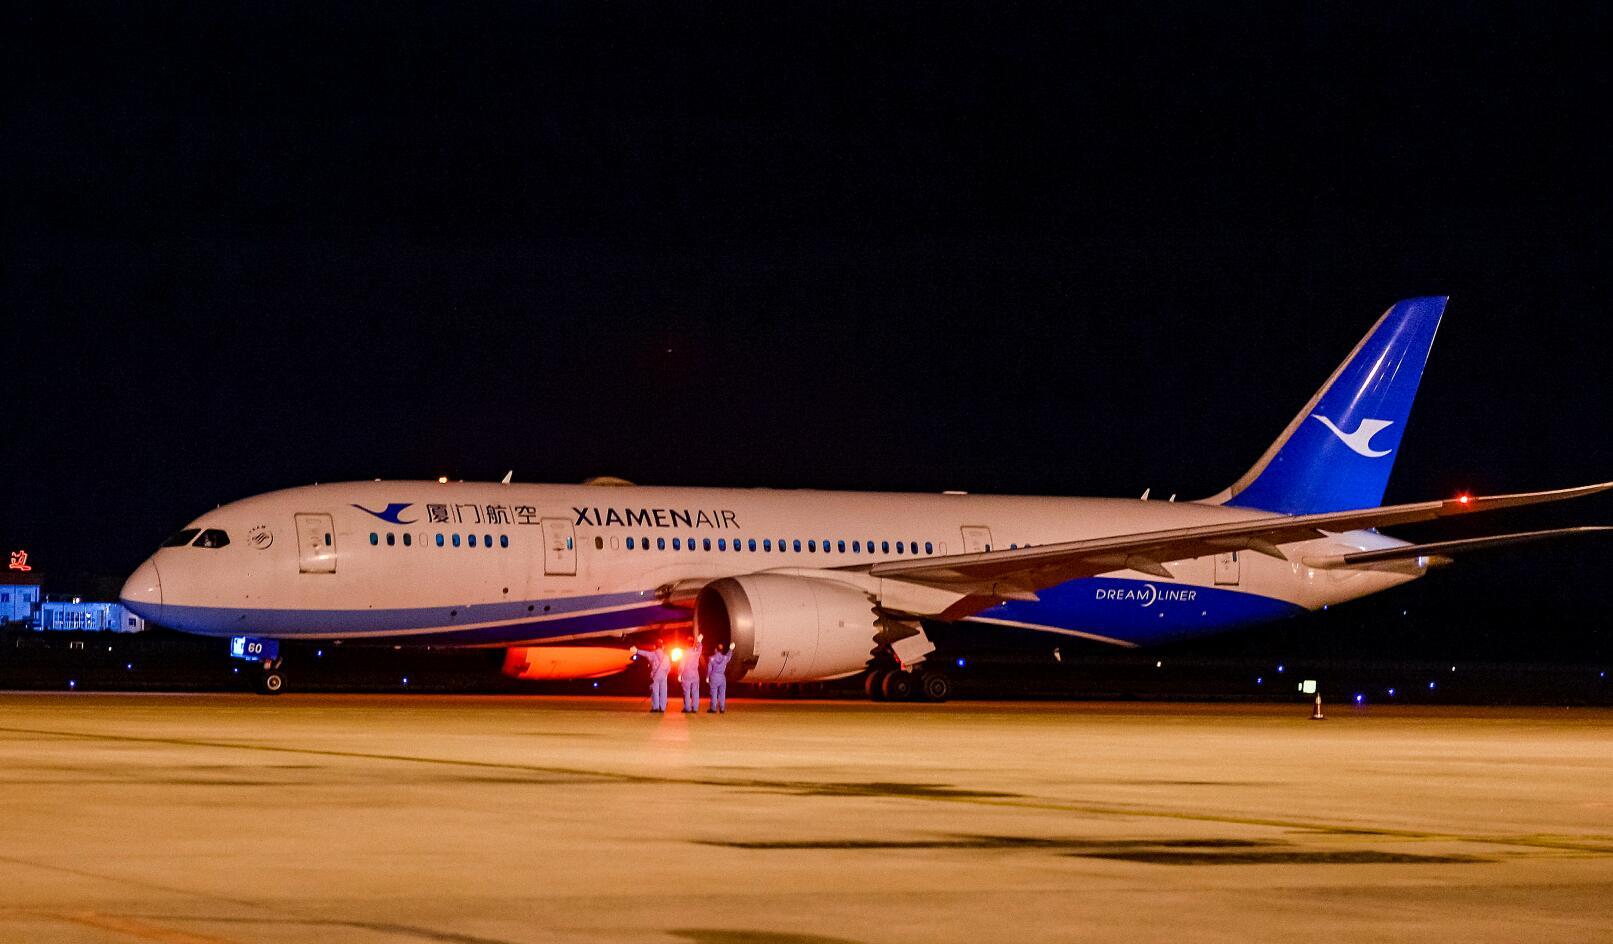 亚洲航空_全球最干净航企是哪家?亚洲航空公司排名榜单前列